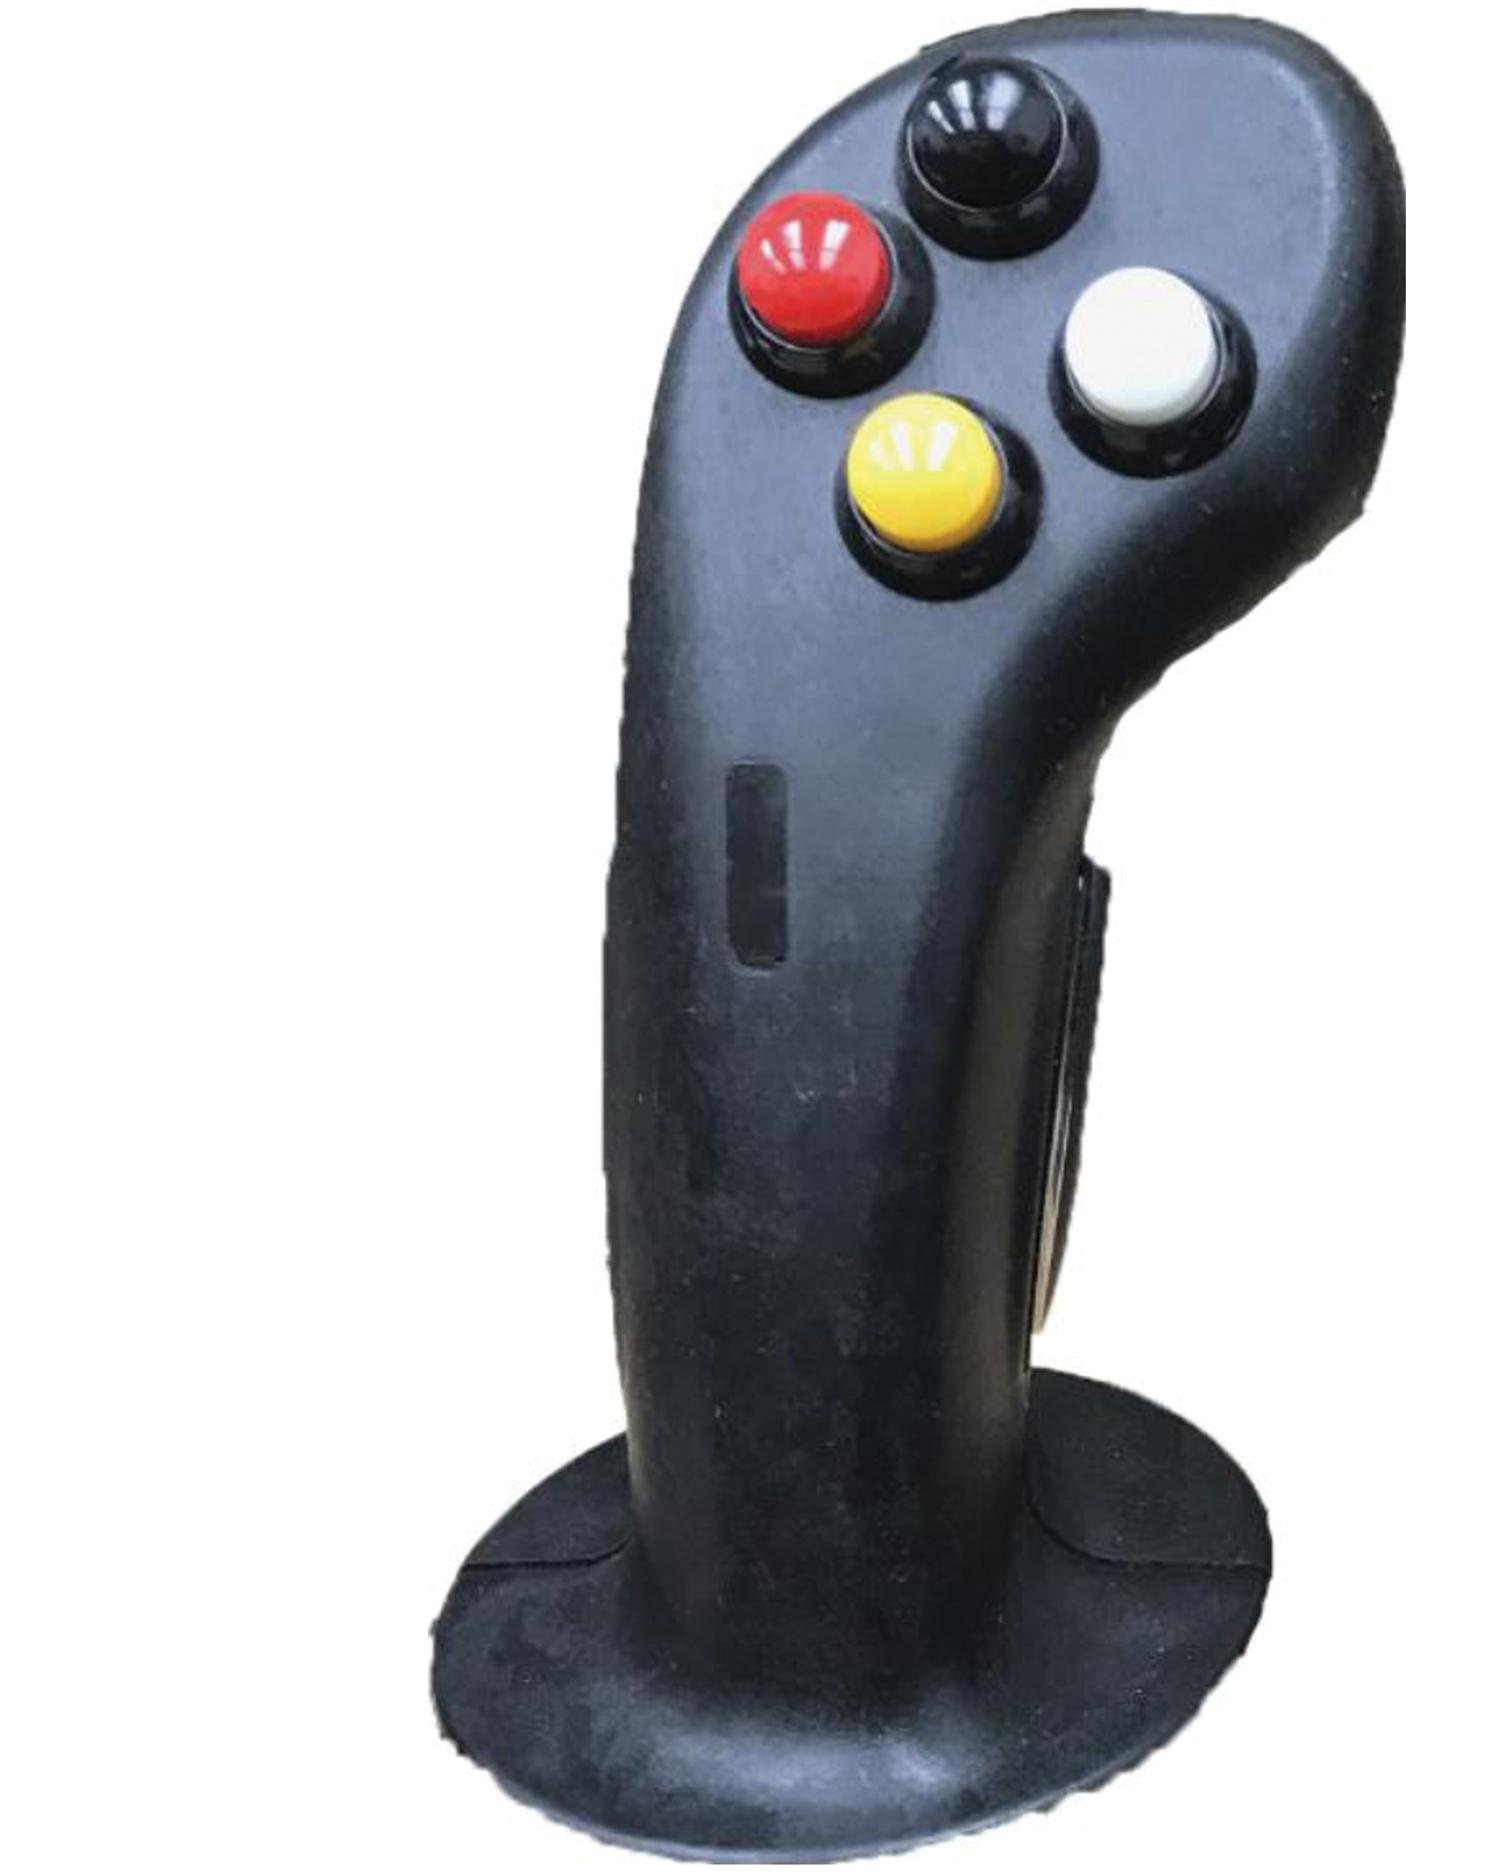 MG3 Joystick Controller